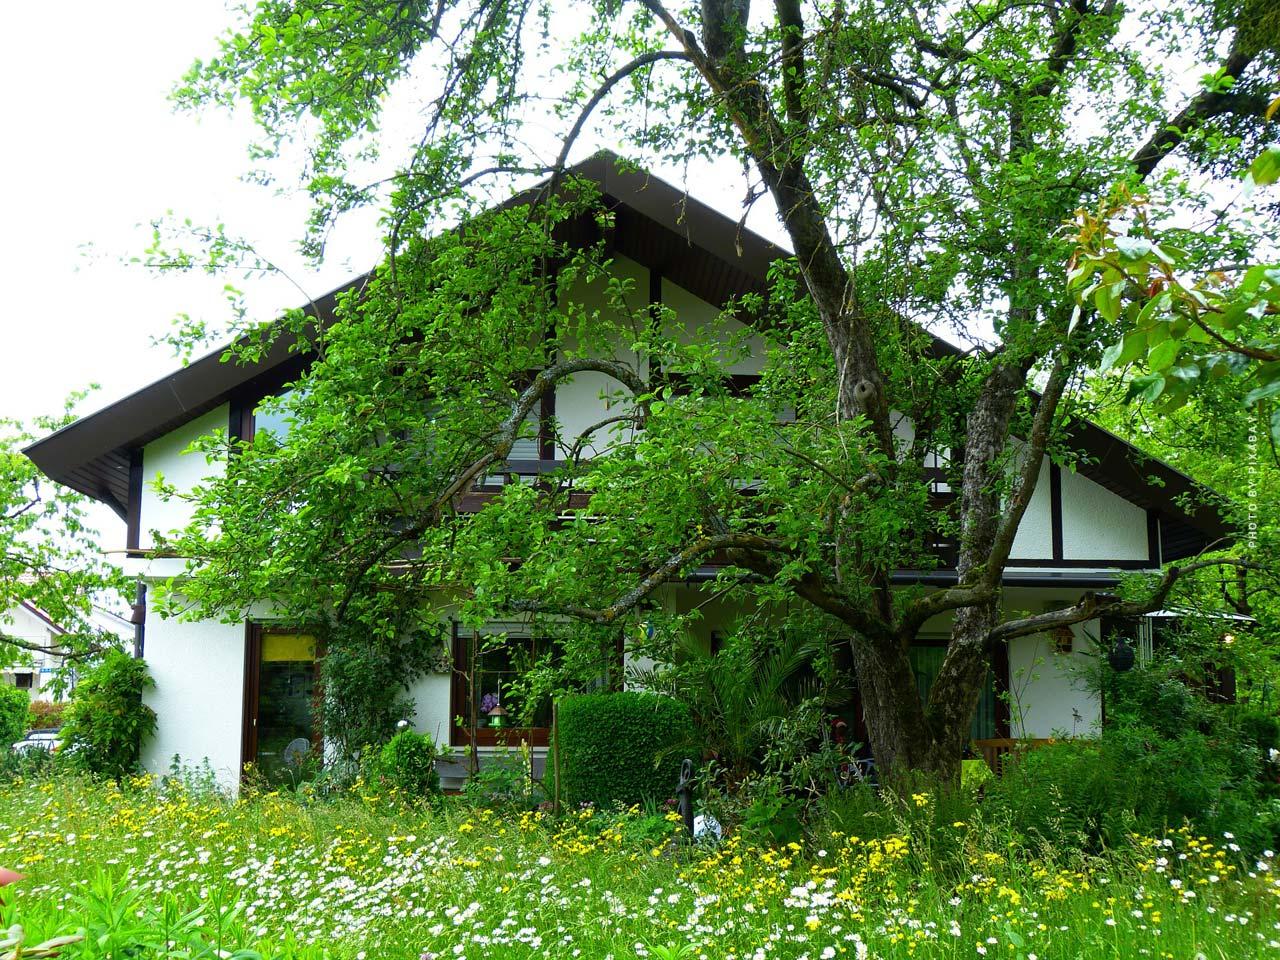 Wohnungsmarkt in Nettetal: Kapitalanlage, Planen, Verkaufen und Wohnung